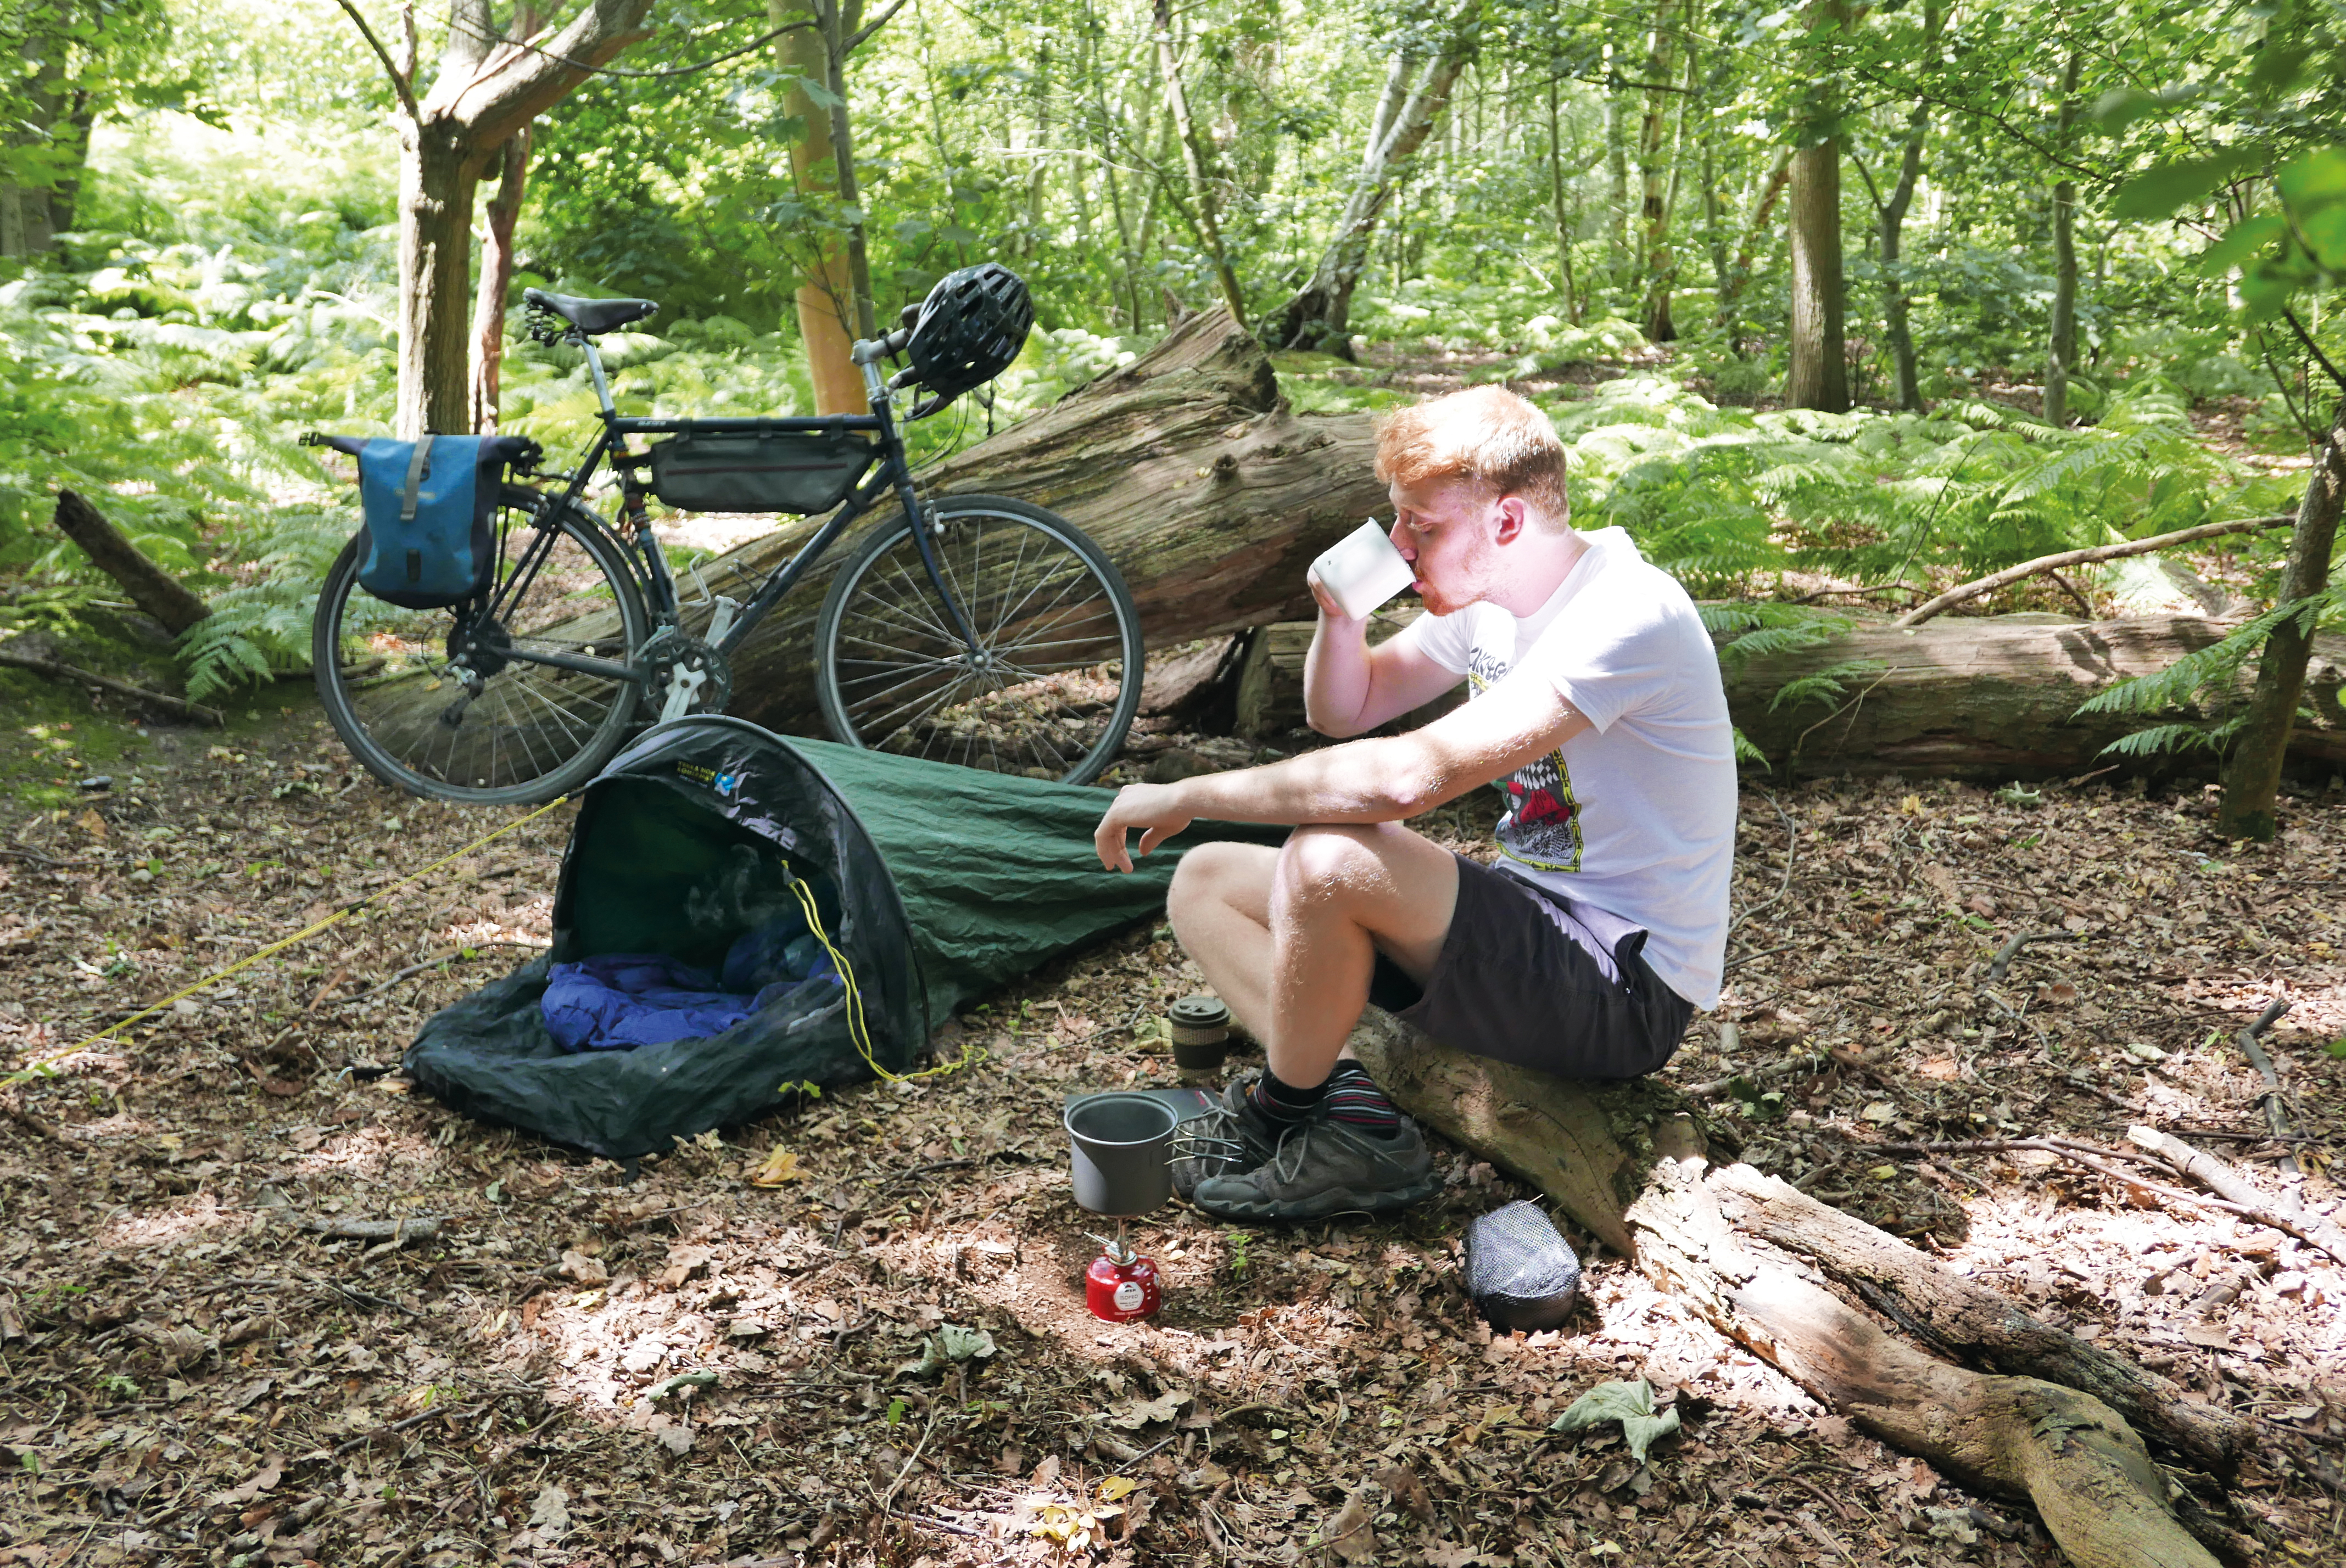 Bikepacking in Bike Week